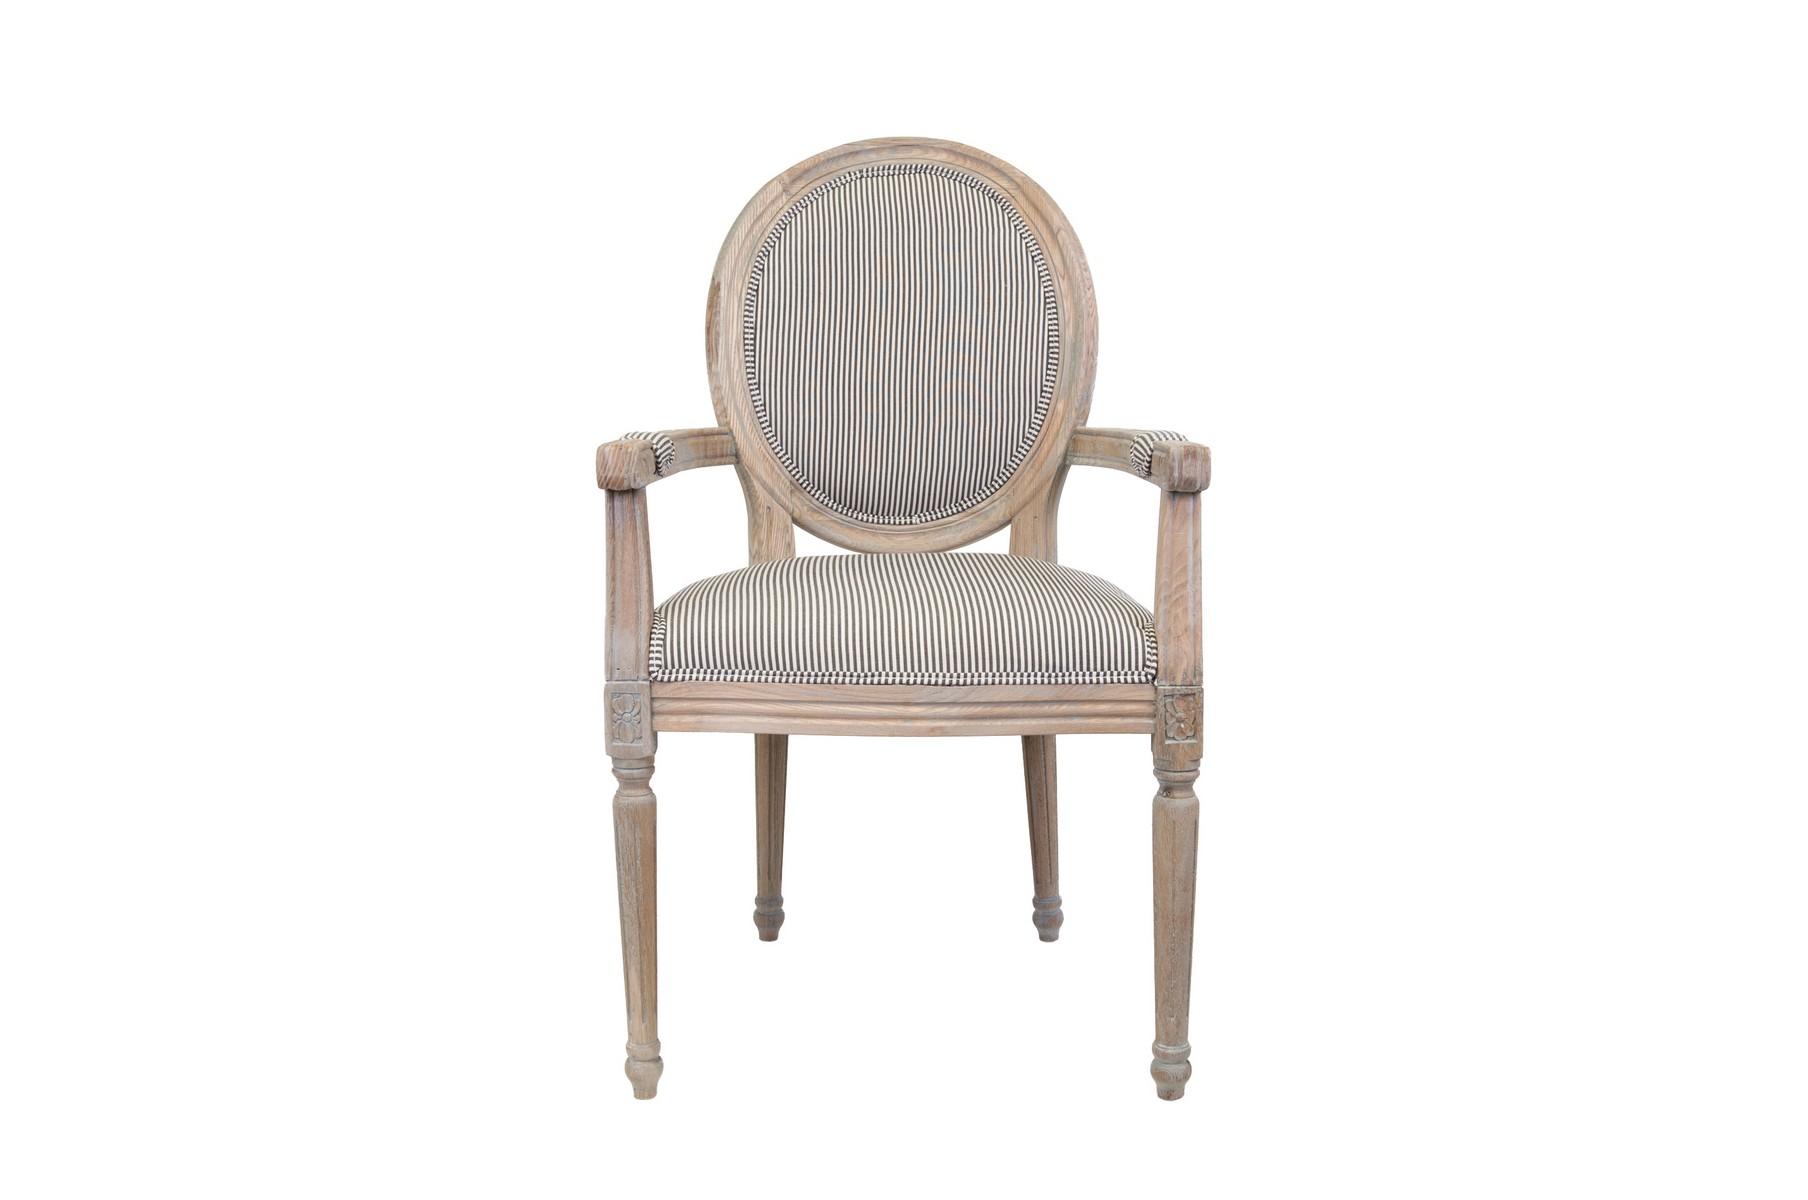 Кресло Diella pinstripeСтулья с подлокотниками<br>Элегантное кресло Diella классического дизайна, его изящные подлокотники выполнены с применением резной работы по дереву. Модель с овальной спинкой в деревянной раме, украшенной резным элементом. Элегантное кресло с лаконичным размером отлично впишется в интерьер столовой, гостиной или кабинета.&amp;amp;nbsp;&amp;lt;div&amp;gt;&amp;lt;br&amp;gt;&amp;lt;/div&amp;gt;&amp;lt;div&amp;gt;Материалы: лен, массив дуба&amp;lt;/div&amp;gt;<br><br>Material: Лен<br>Width см: 57<br>Depth см: 57<br>Height см: 99